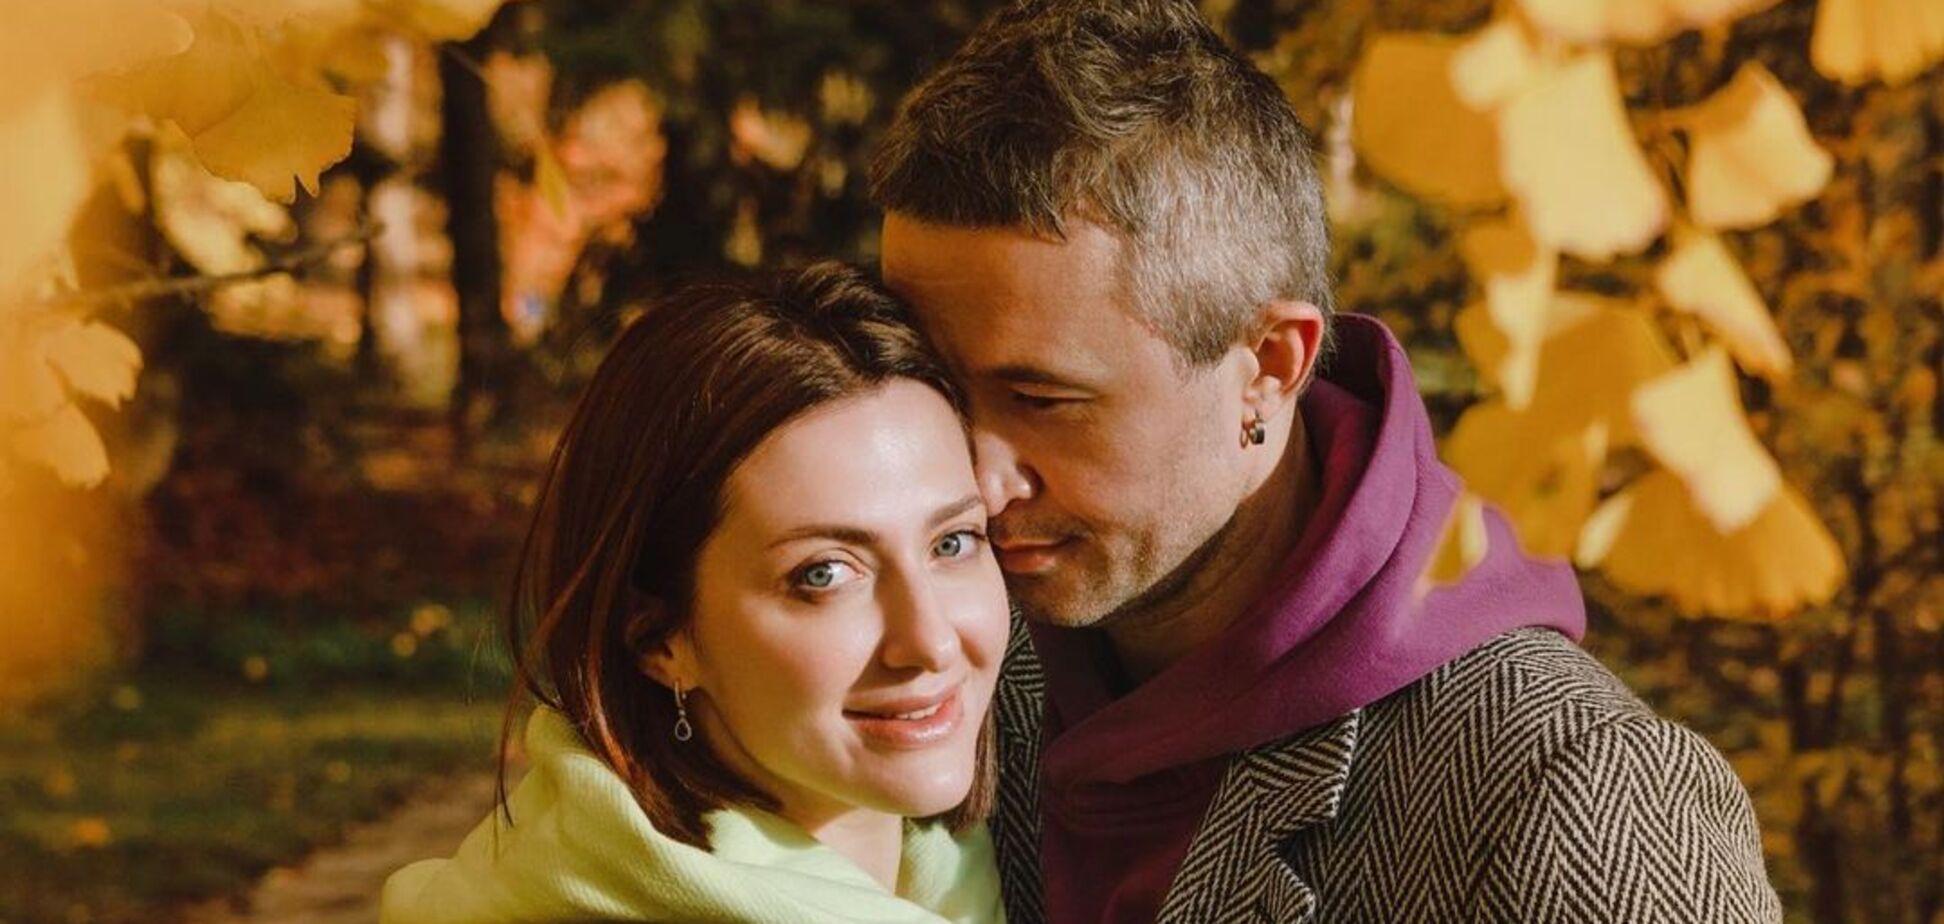 Сніжана і Сергій Бабкіни